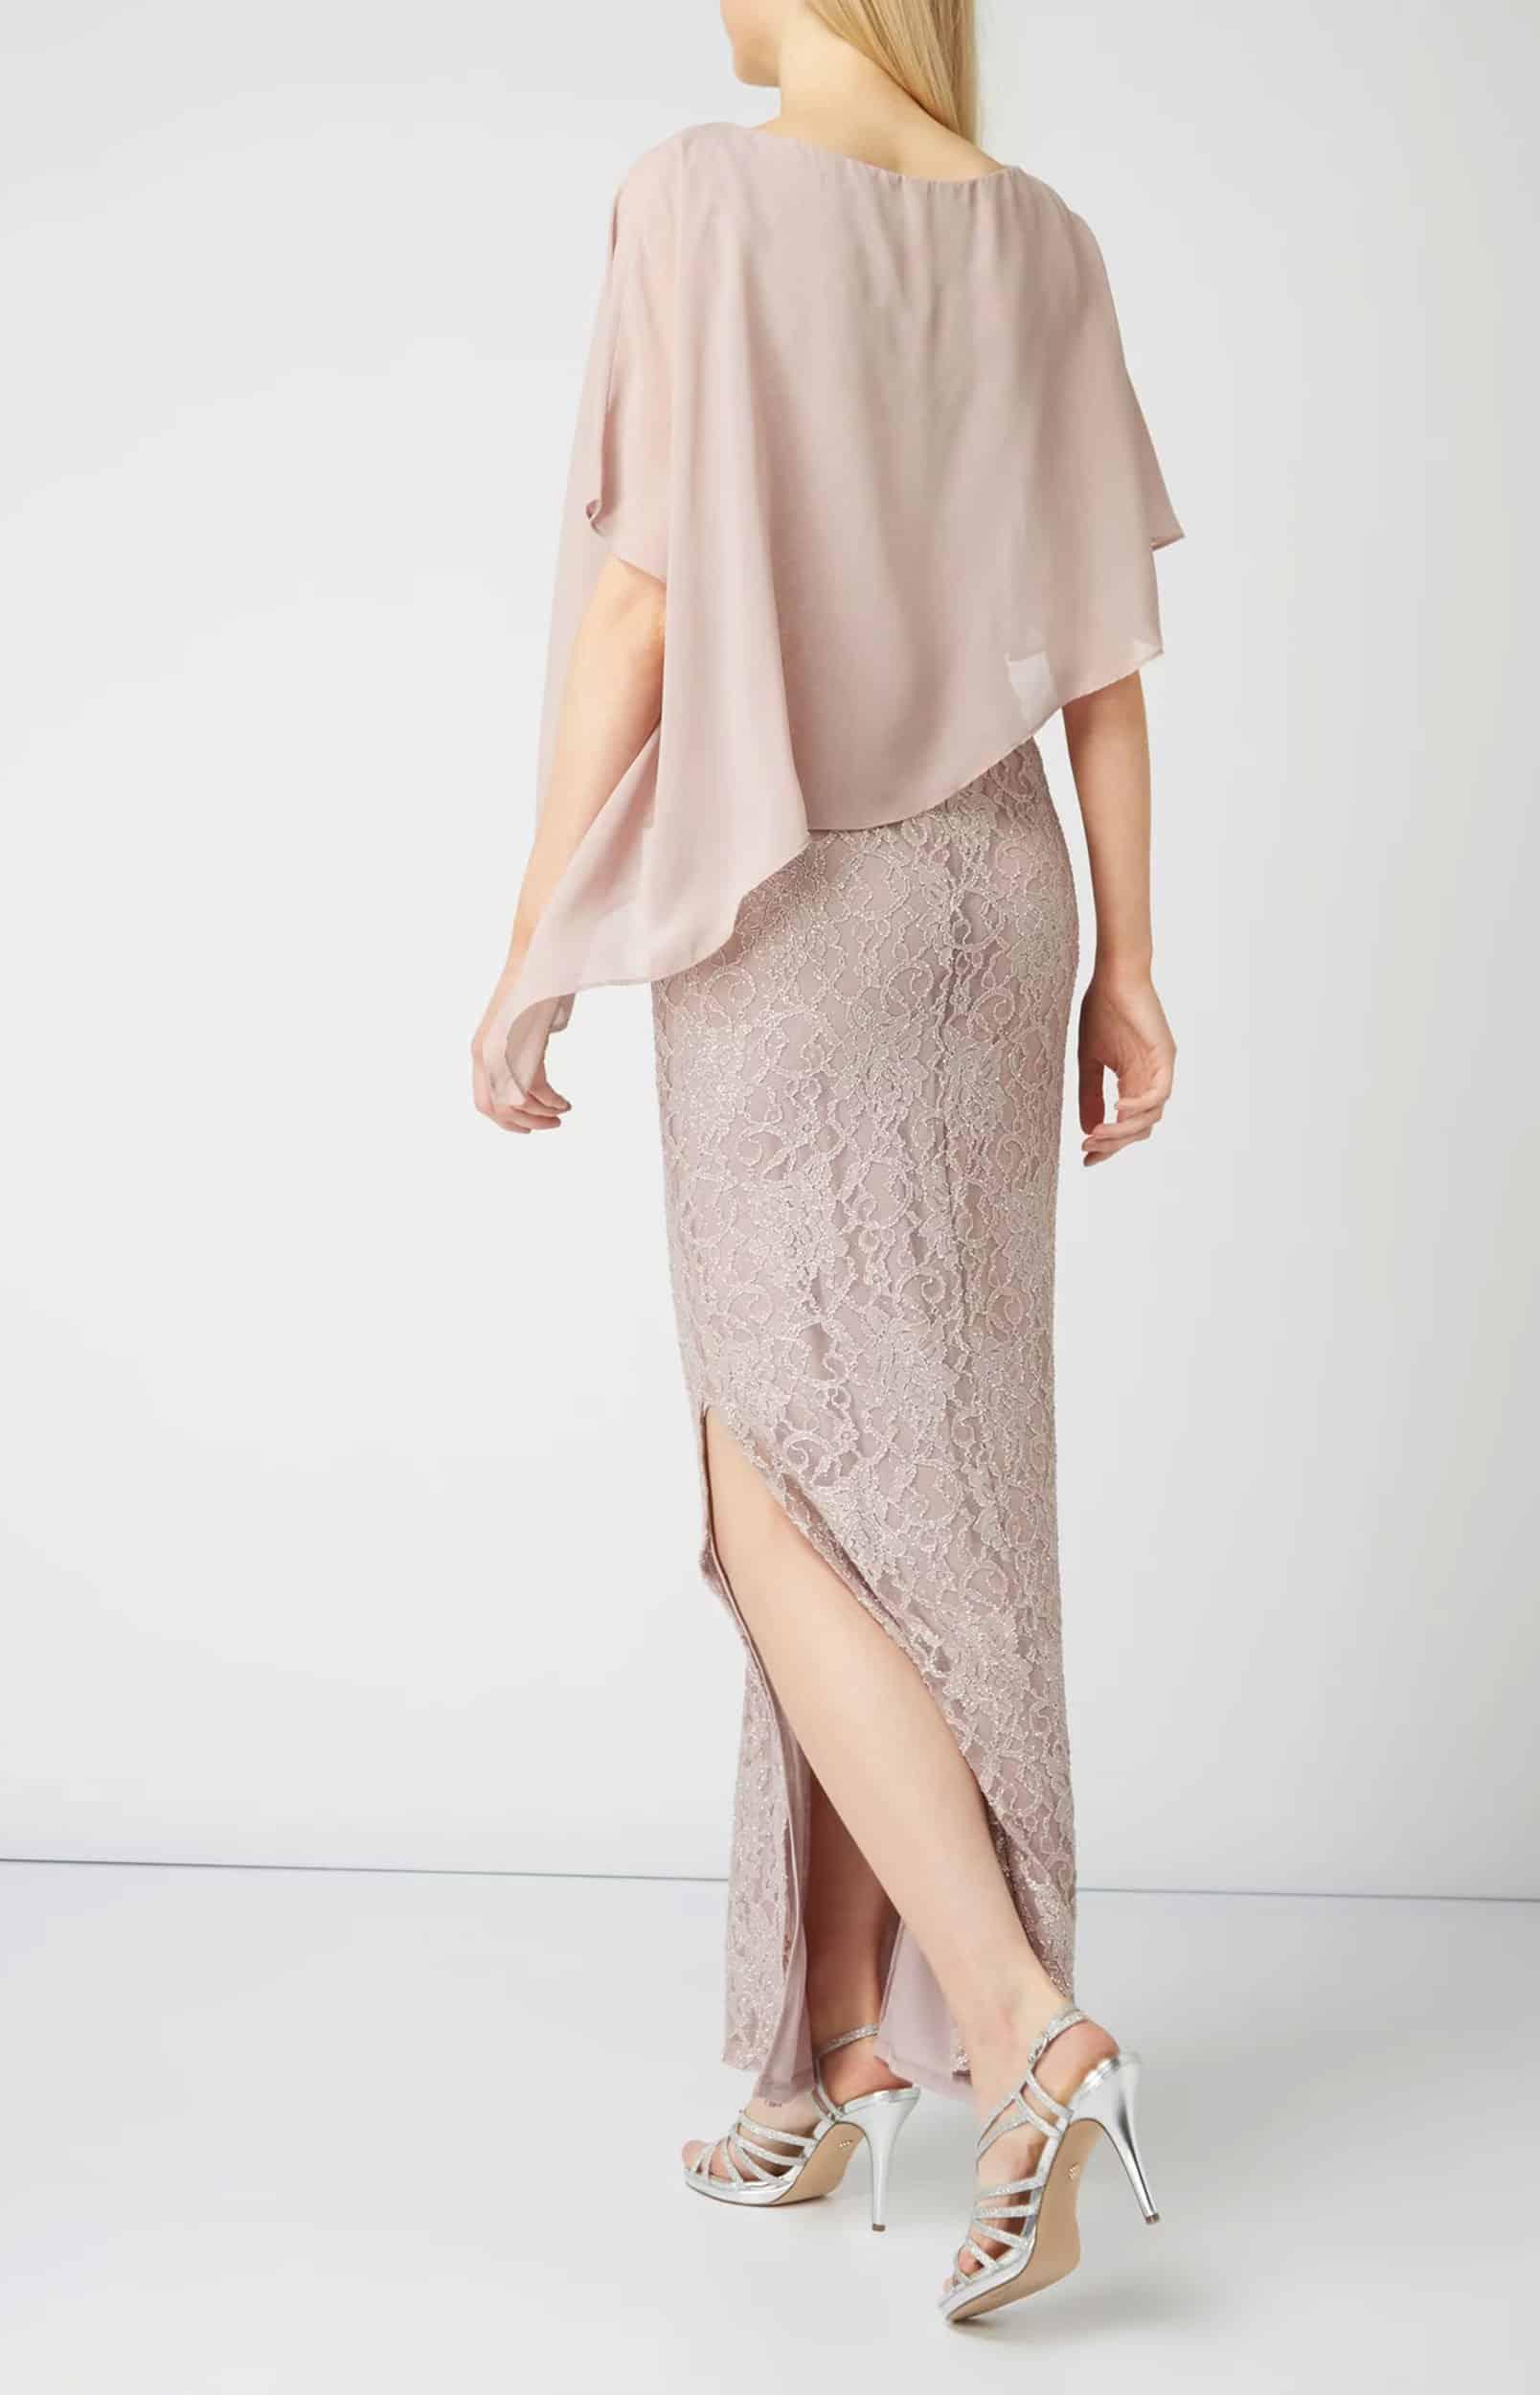 Iznajmljivanje haljina Nis - Cristian Berg - Rent A Dress Nis